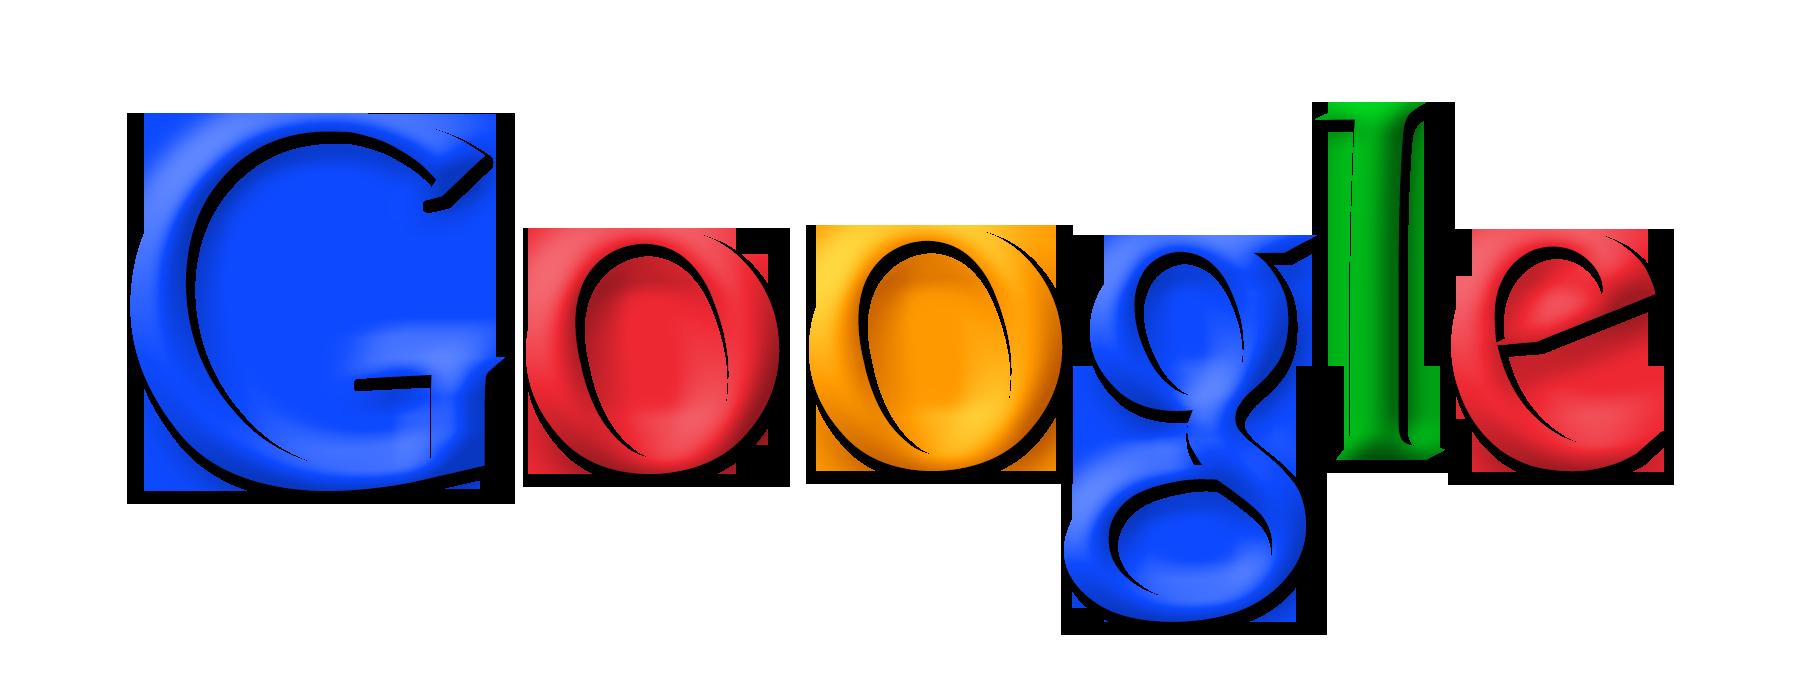 Jak usunąć konto w Google? To proste!